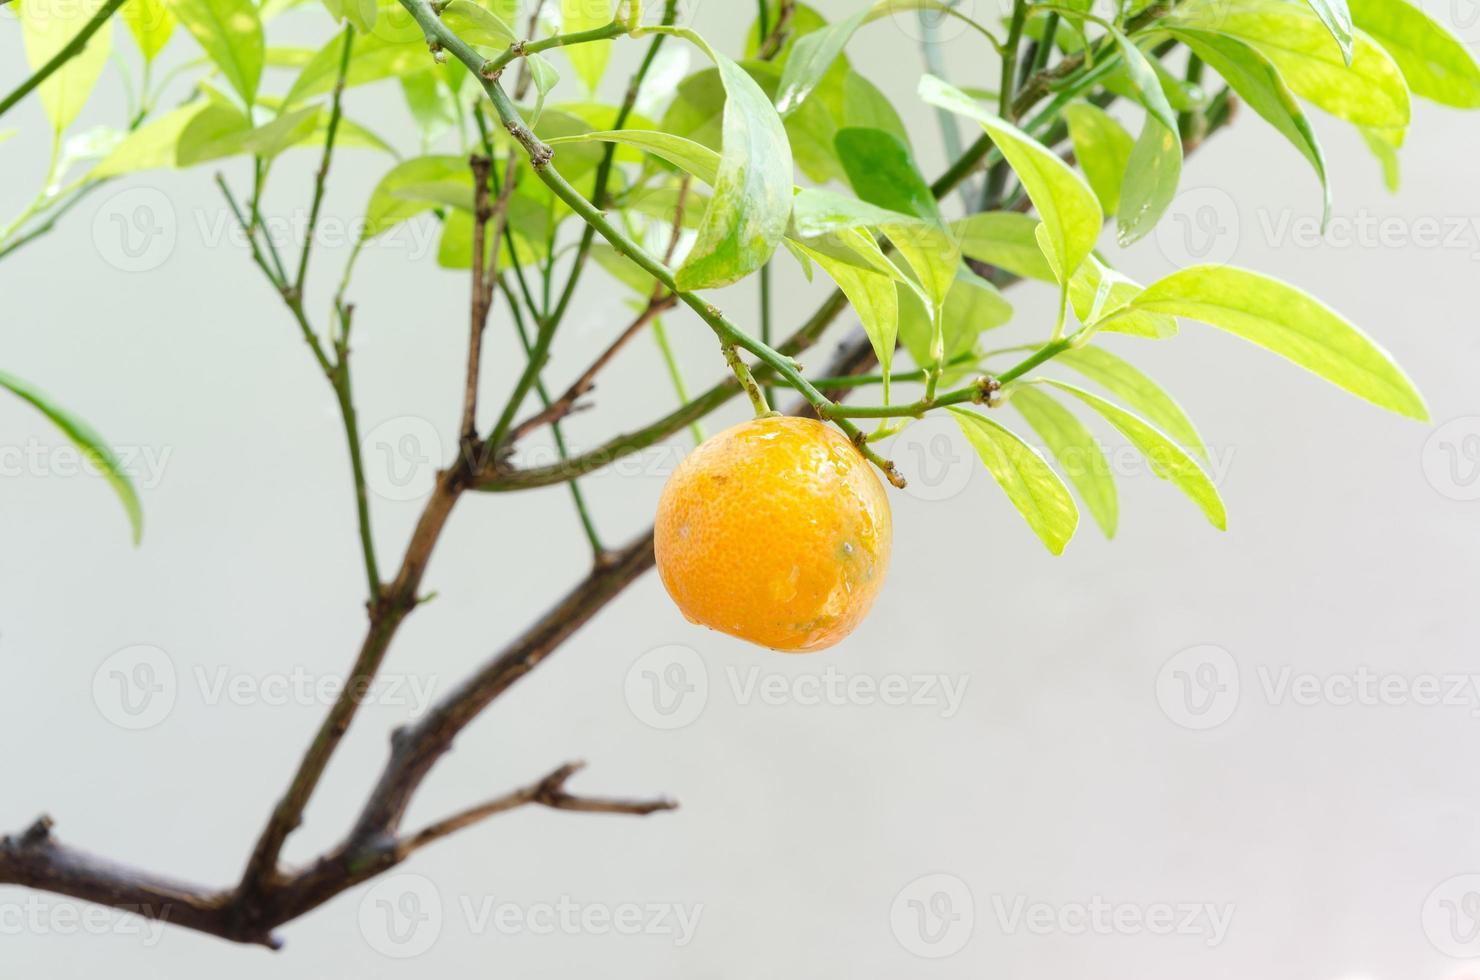 arancia e goccia d'acqua foto